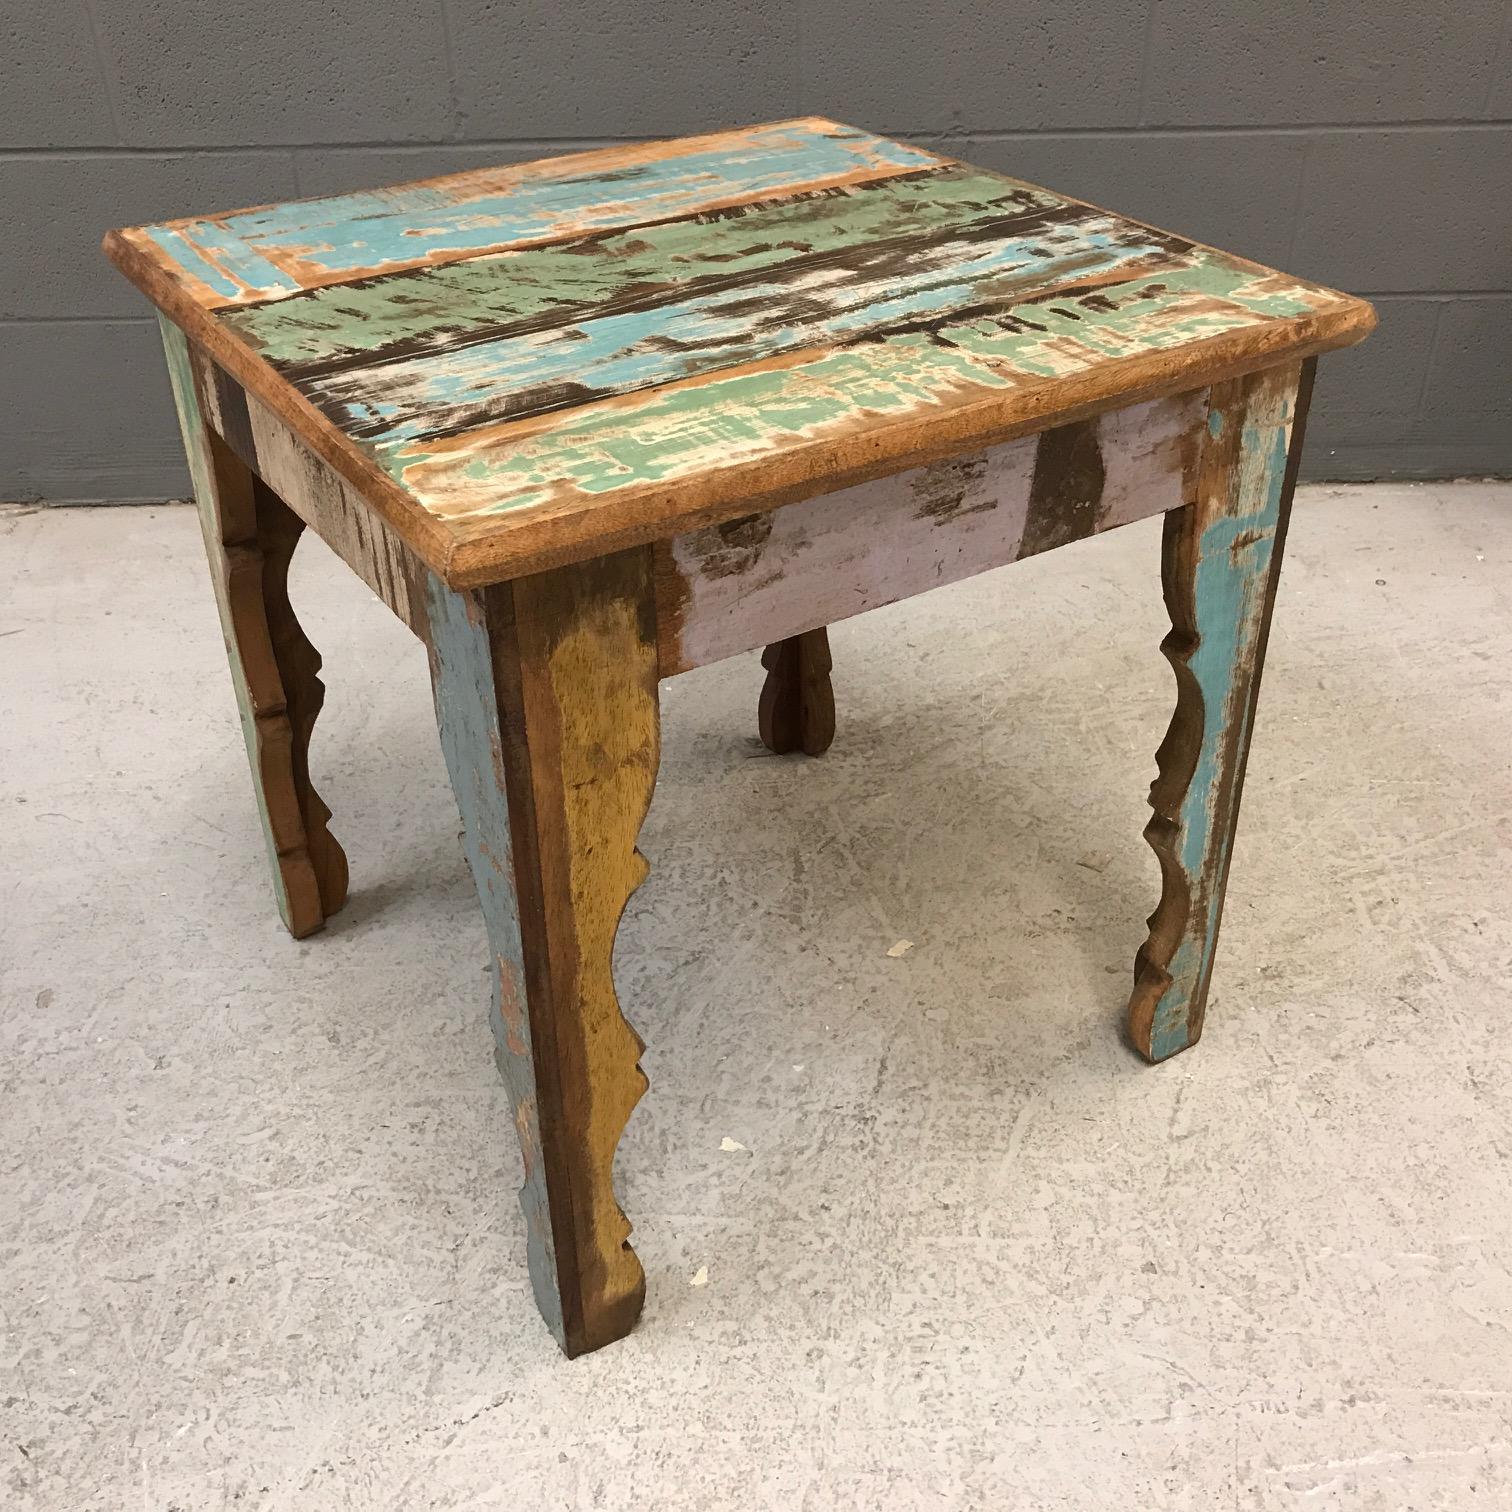 Super Reclaimed Wood Side Table - Nadeau Nashville VY43